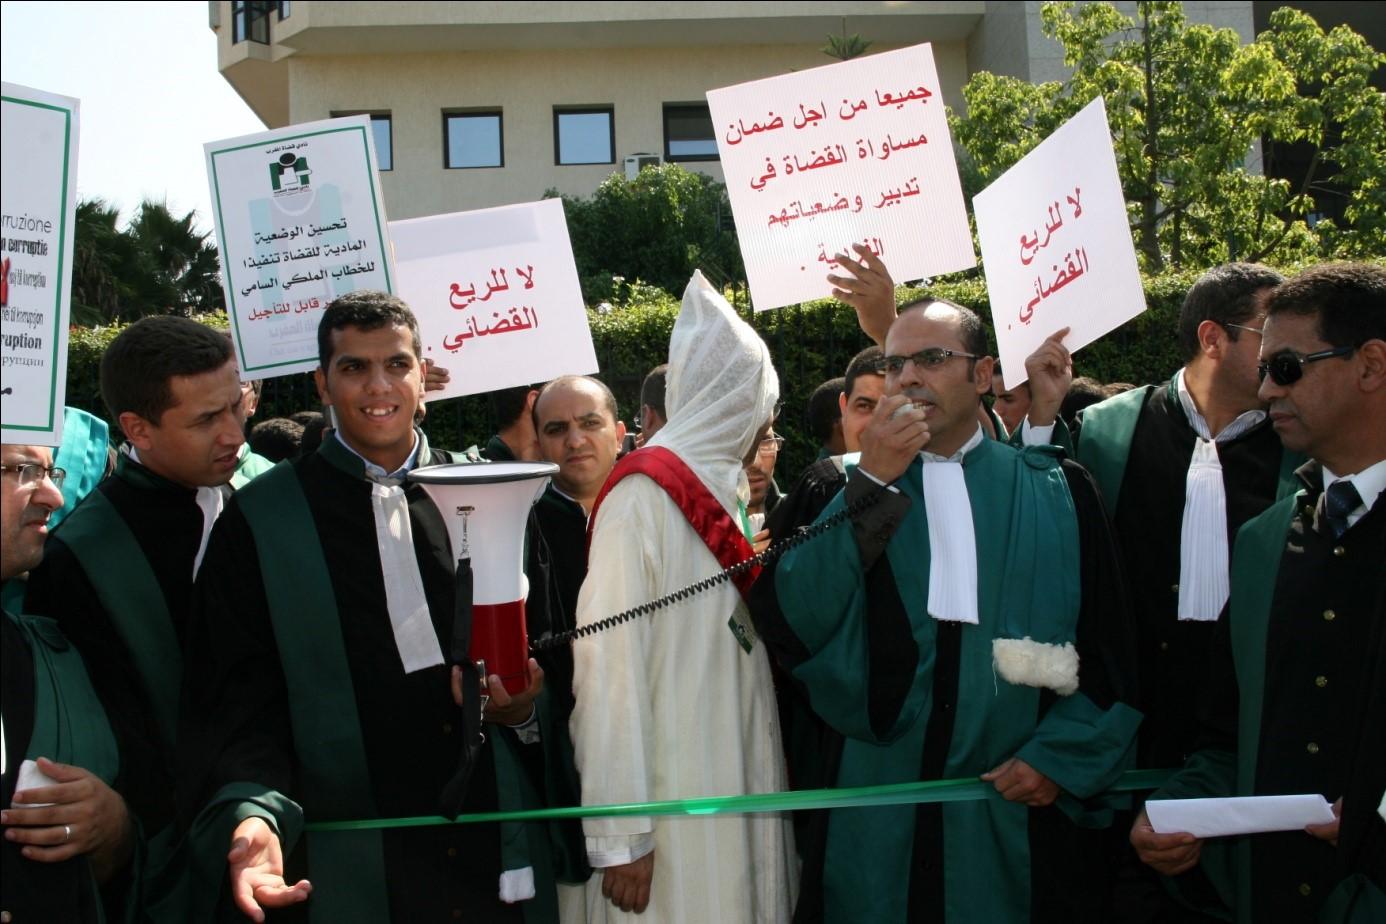 مجلس السلطة القضائية يتراجع عن نقل قاض من دون رضاه في المغرب: سابقة هامة يؤمل تعميمها